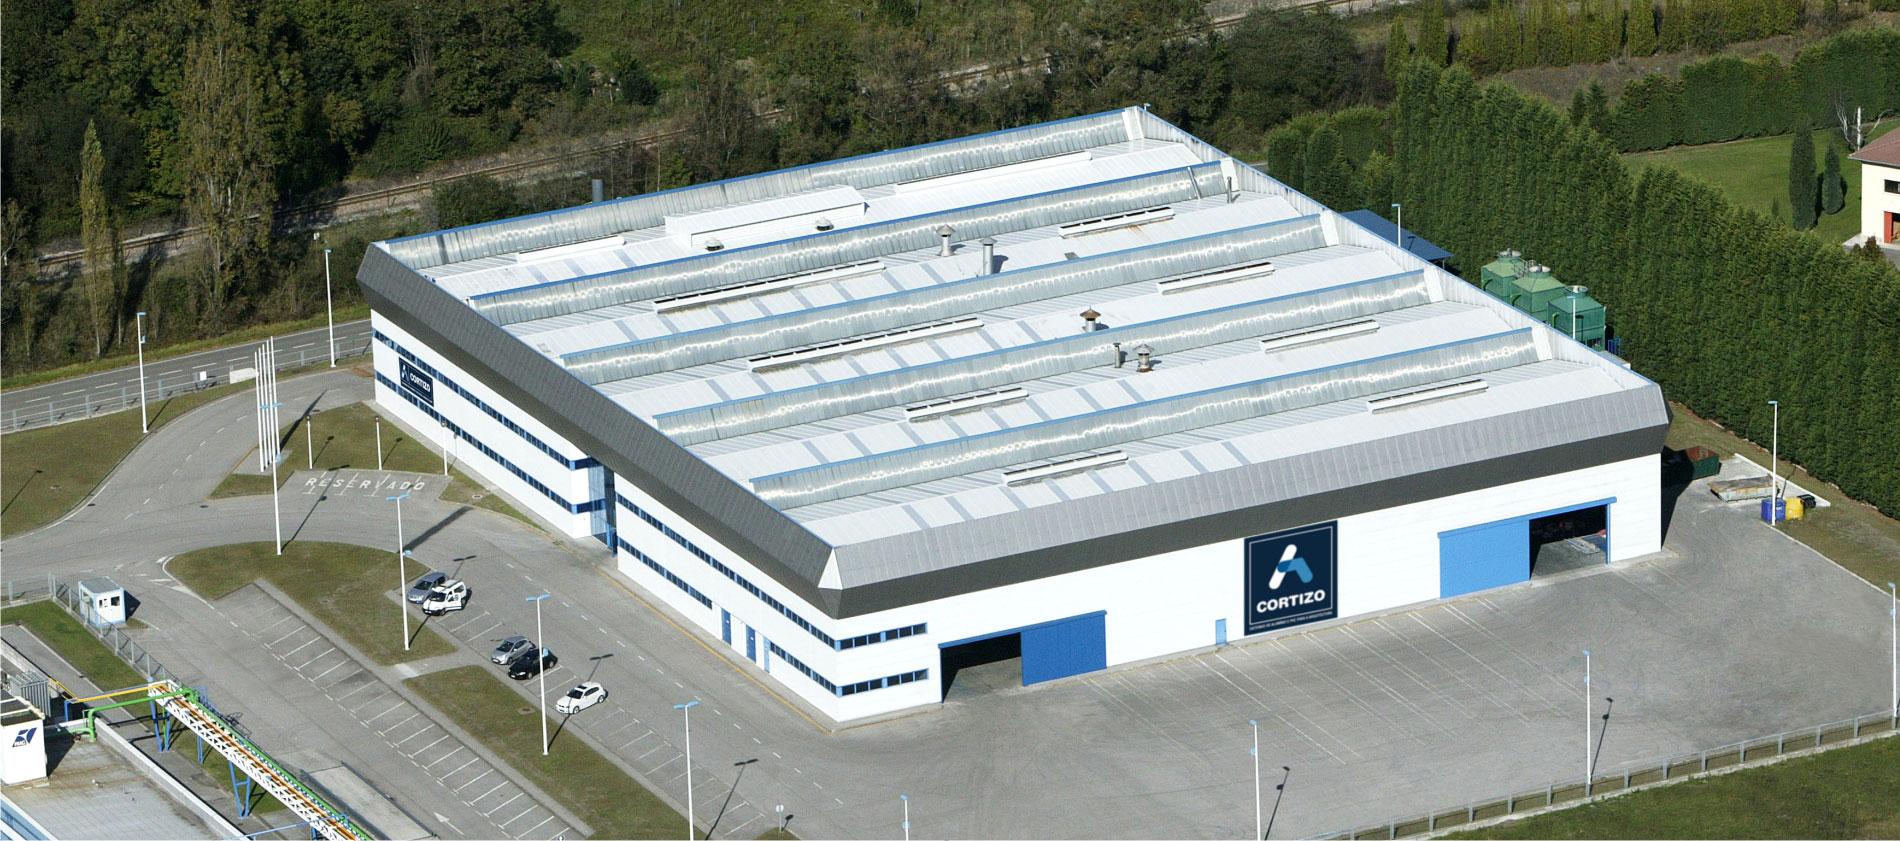 FUNDICIÓN ASTURIAS - MIERES (ESPAÑA) CAPACIDAD PRODUCTIVA 25.000 Tm/año  » Control de calidad » Espectómetro » Superficie 7.896 m²